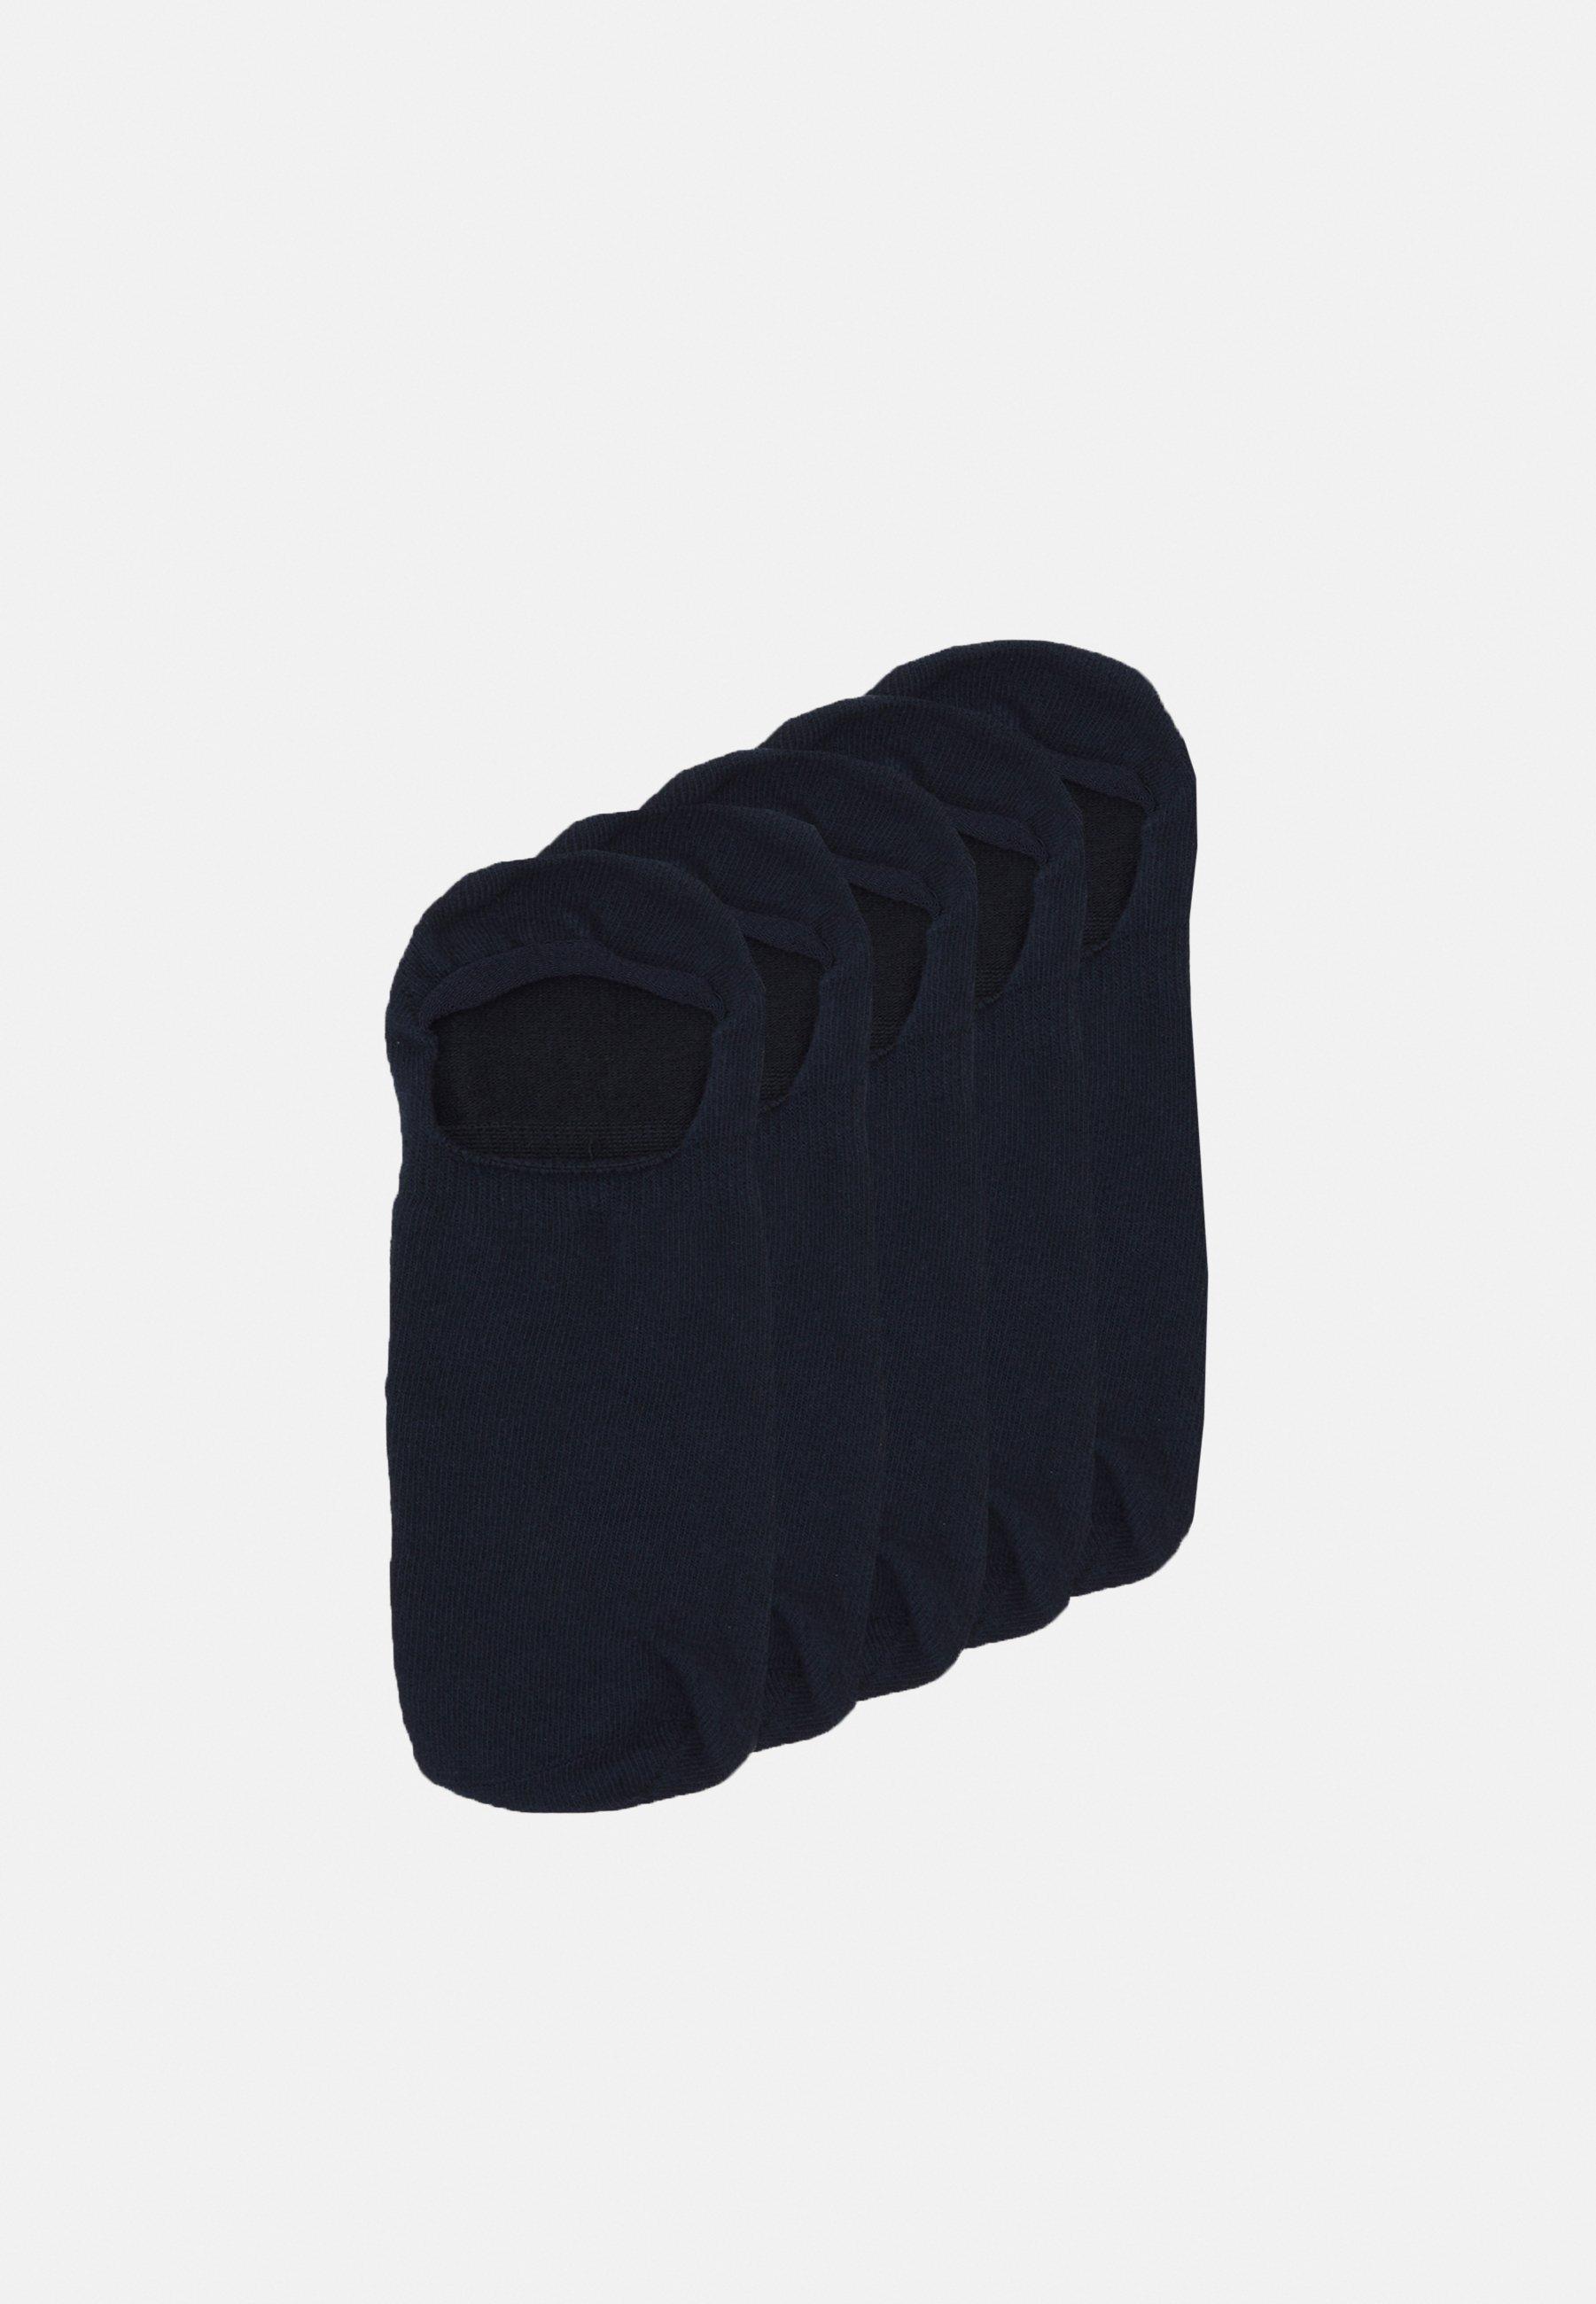 Men WILLOW NO SHOW FOTTIE 5 PACK - Trainer socks